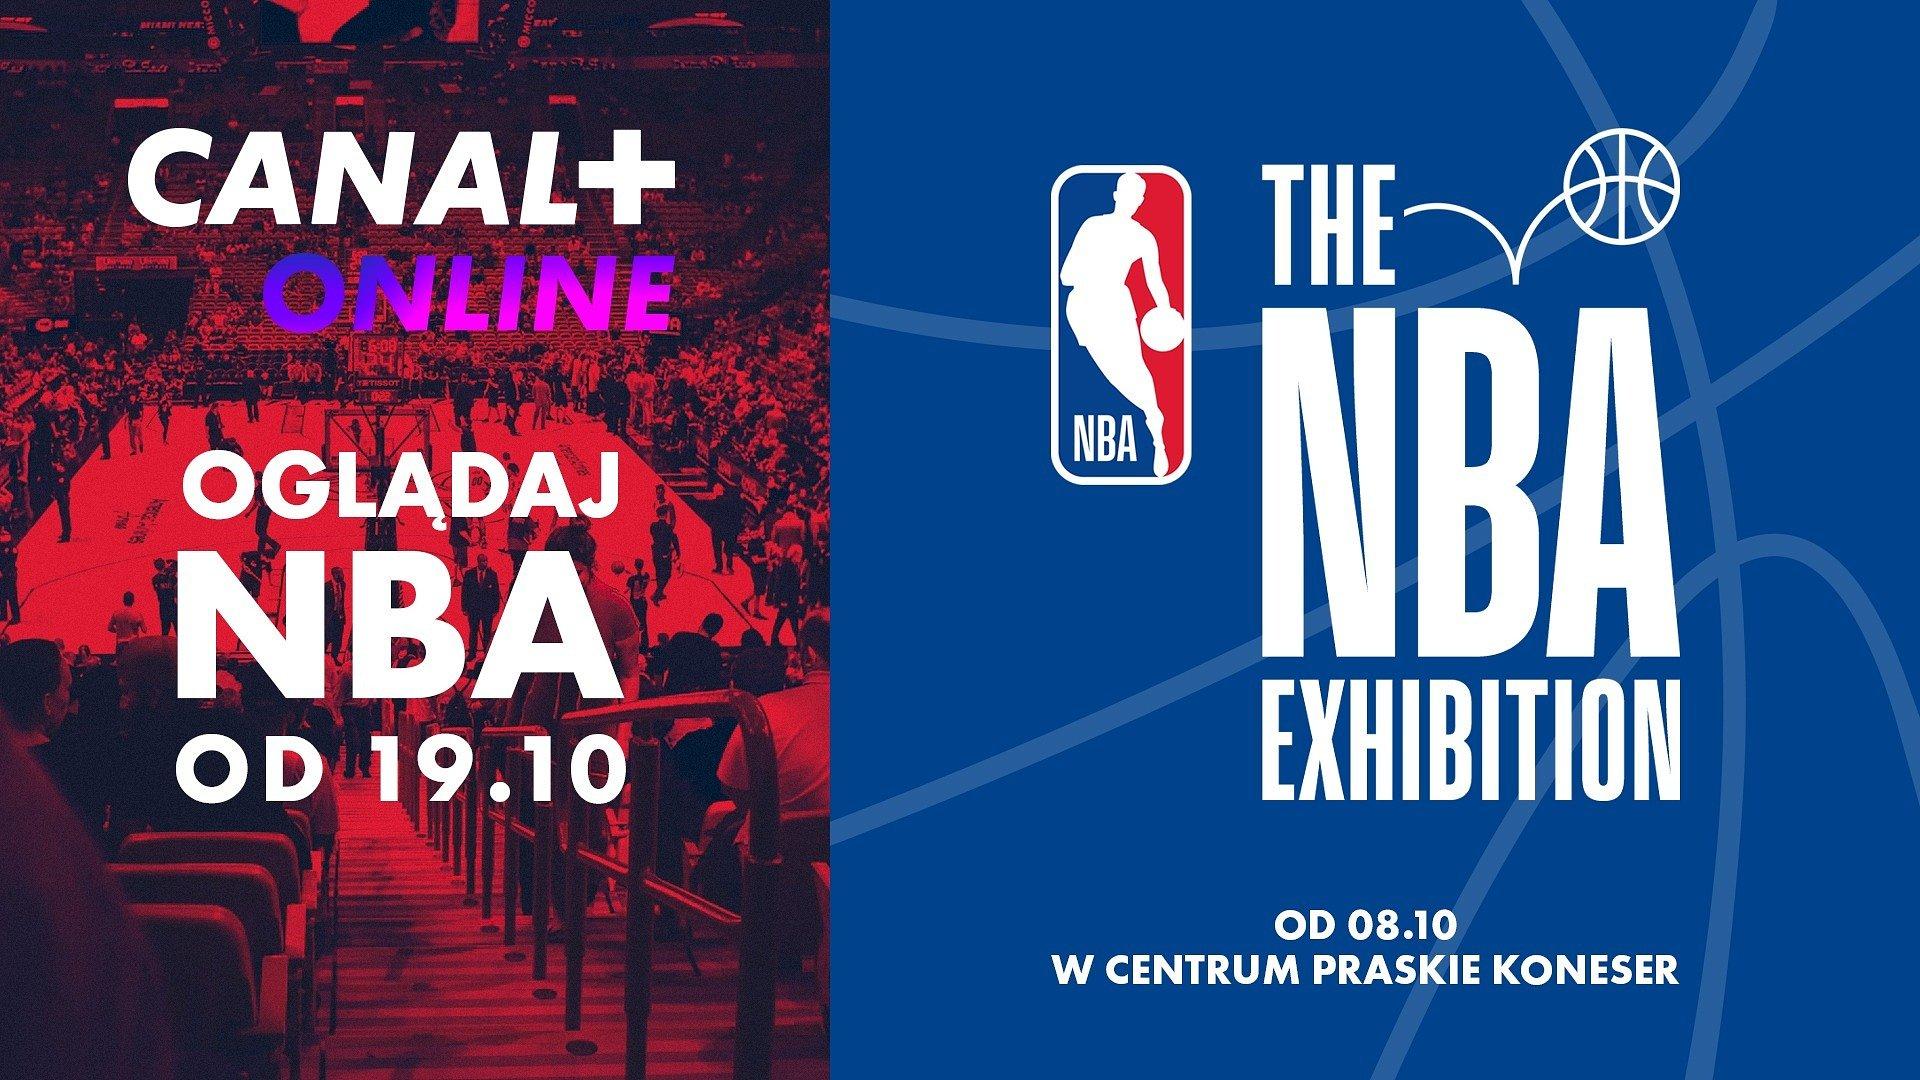 THE NBA EXHIBITION - interaktywna przygoda dla każdego fana NBA rozpoczyna się w Warszawie